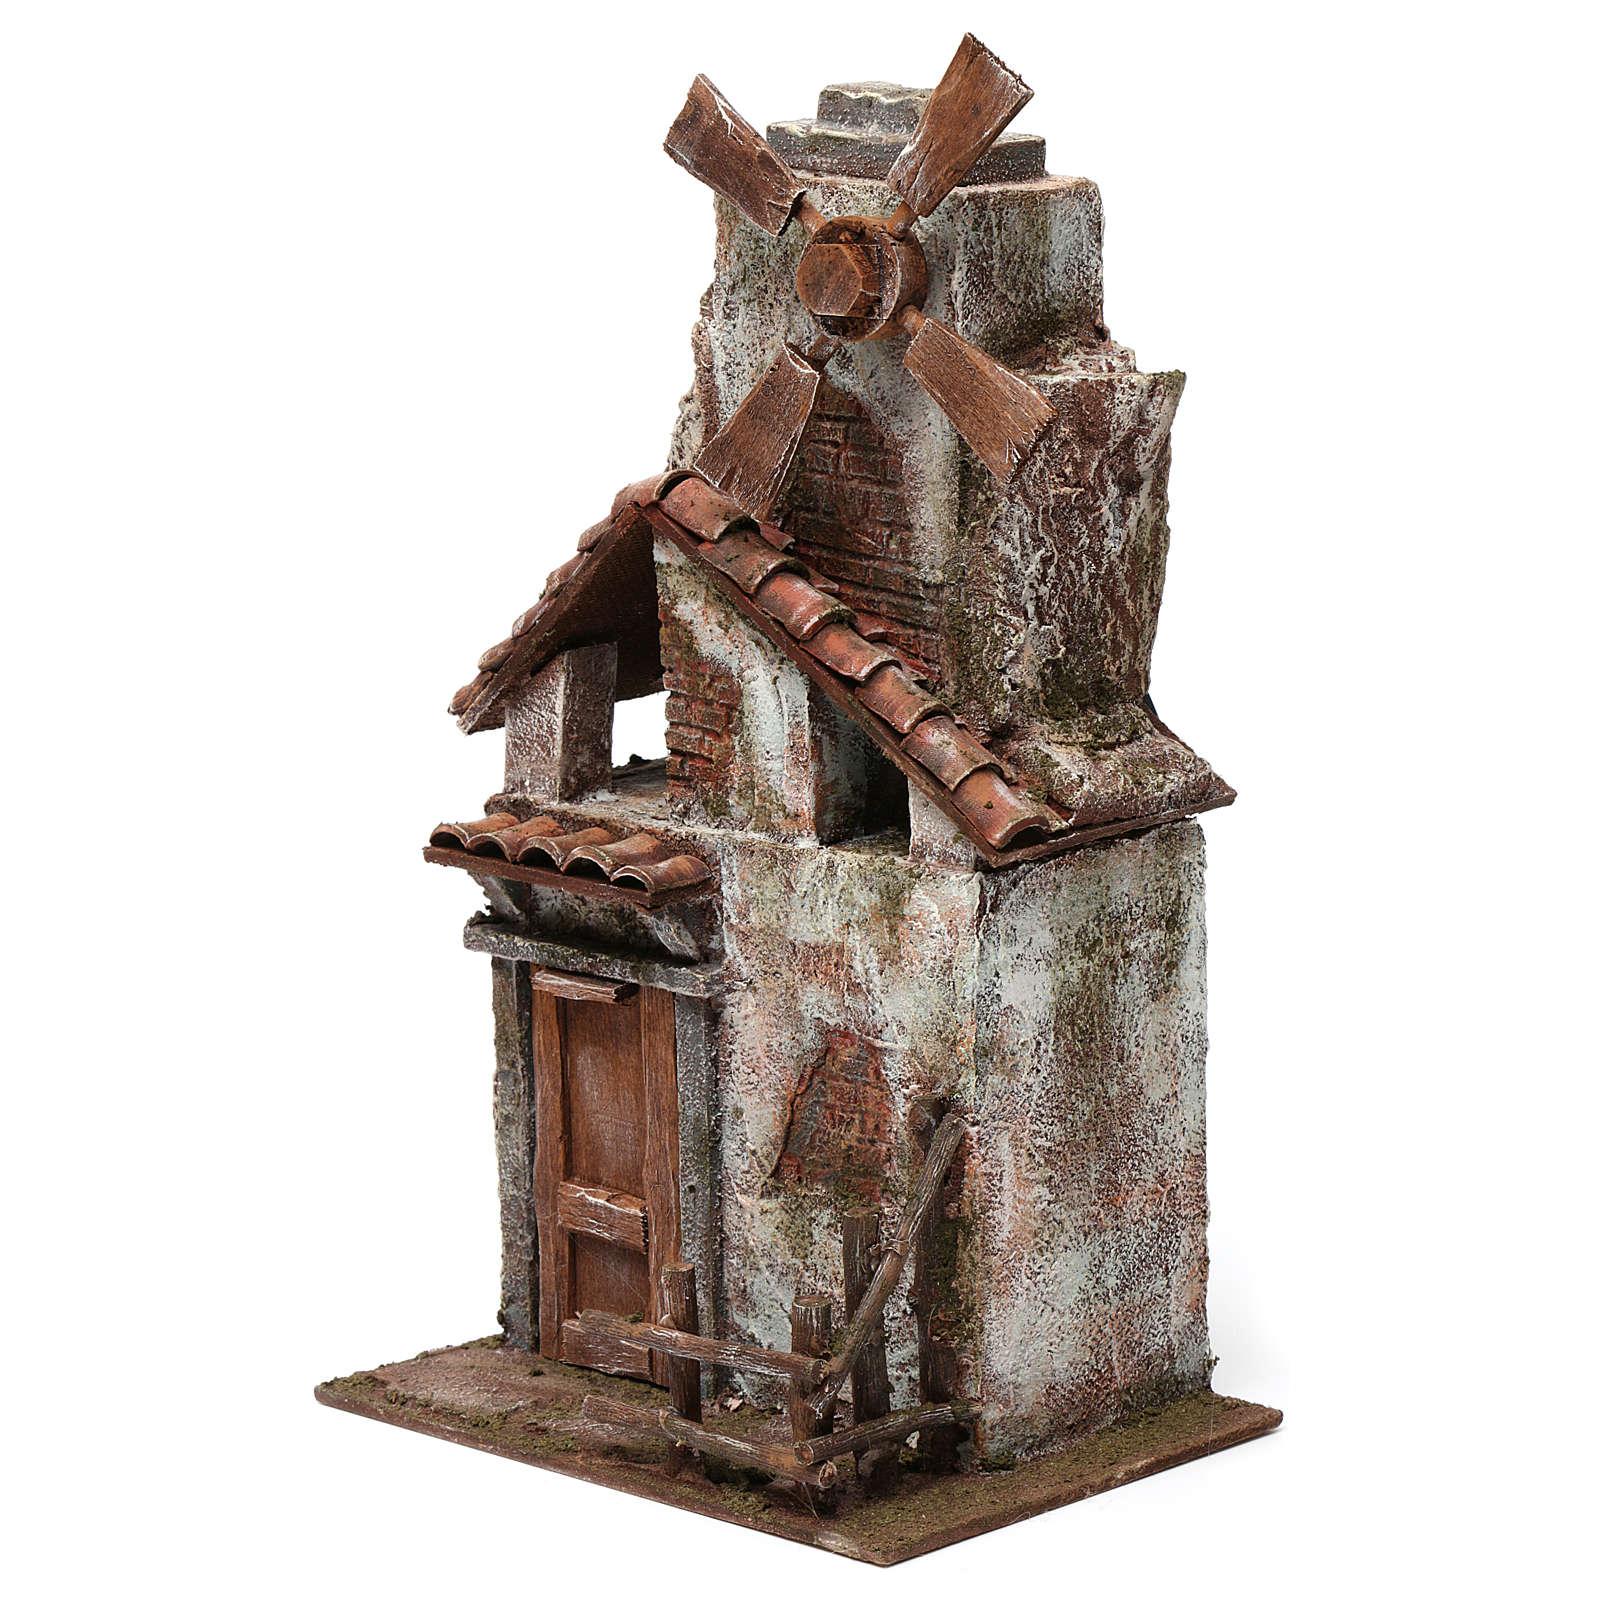 Mulino per presepe quattro eliche con casetta legno, tetto con tegole 35x15X20 cm 4